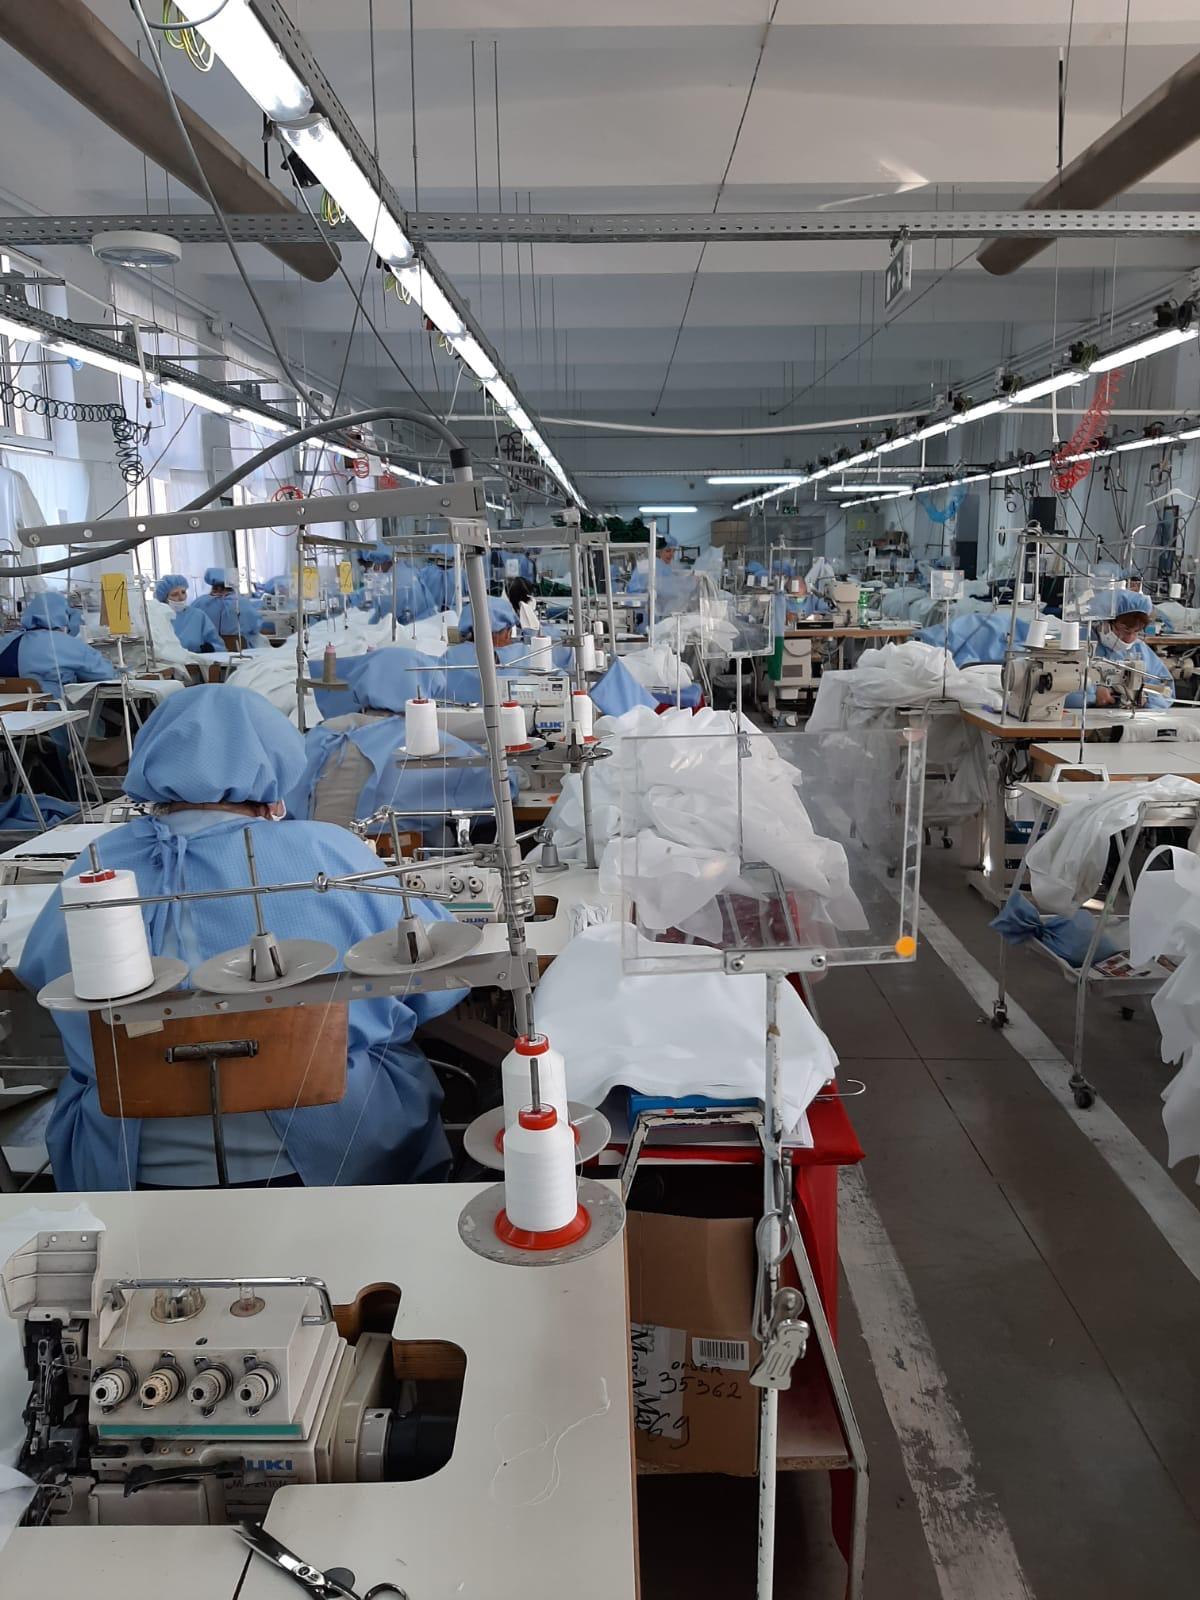 Fabrica de cămăși din Sighișoara s-a reprofilat în doar două săptămâni pentru a produce articole medicale